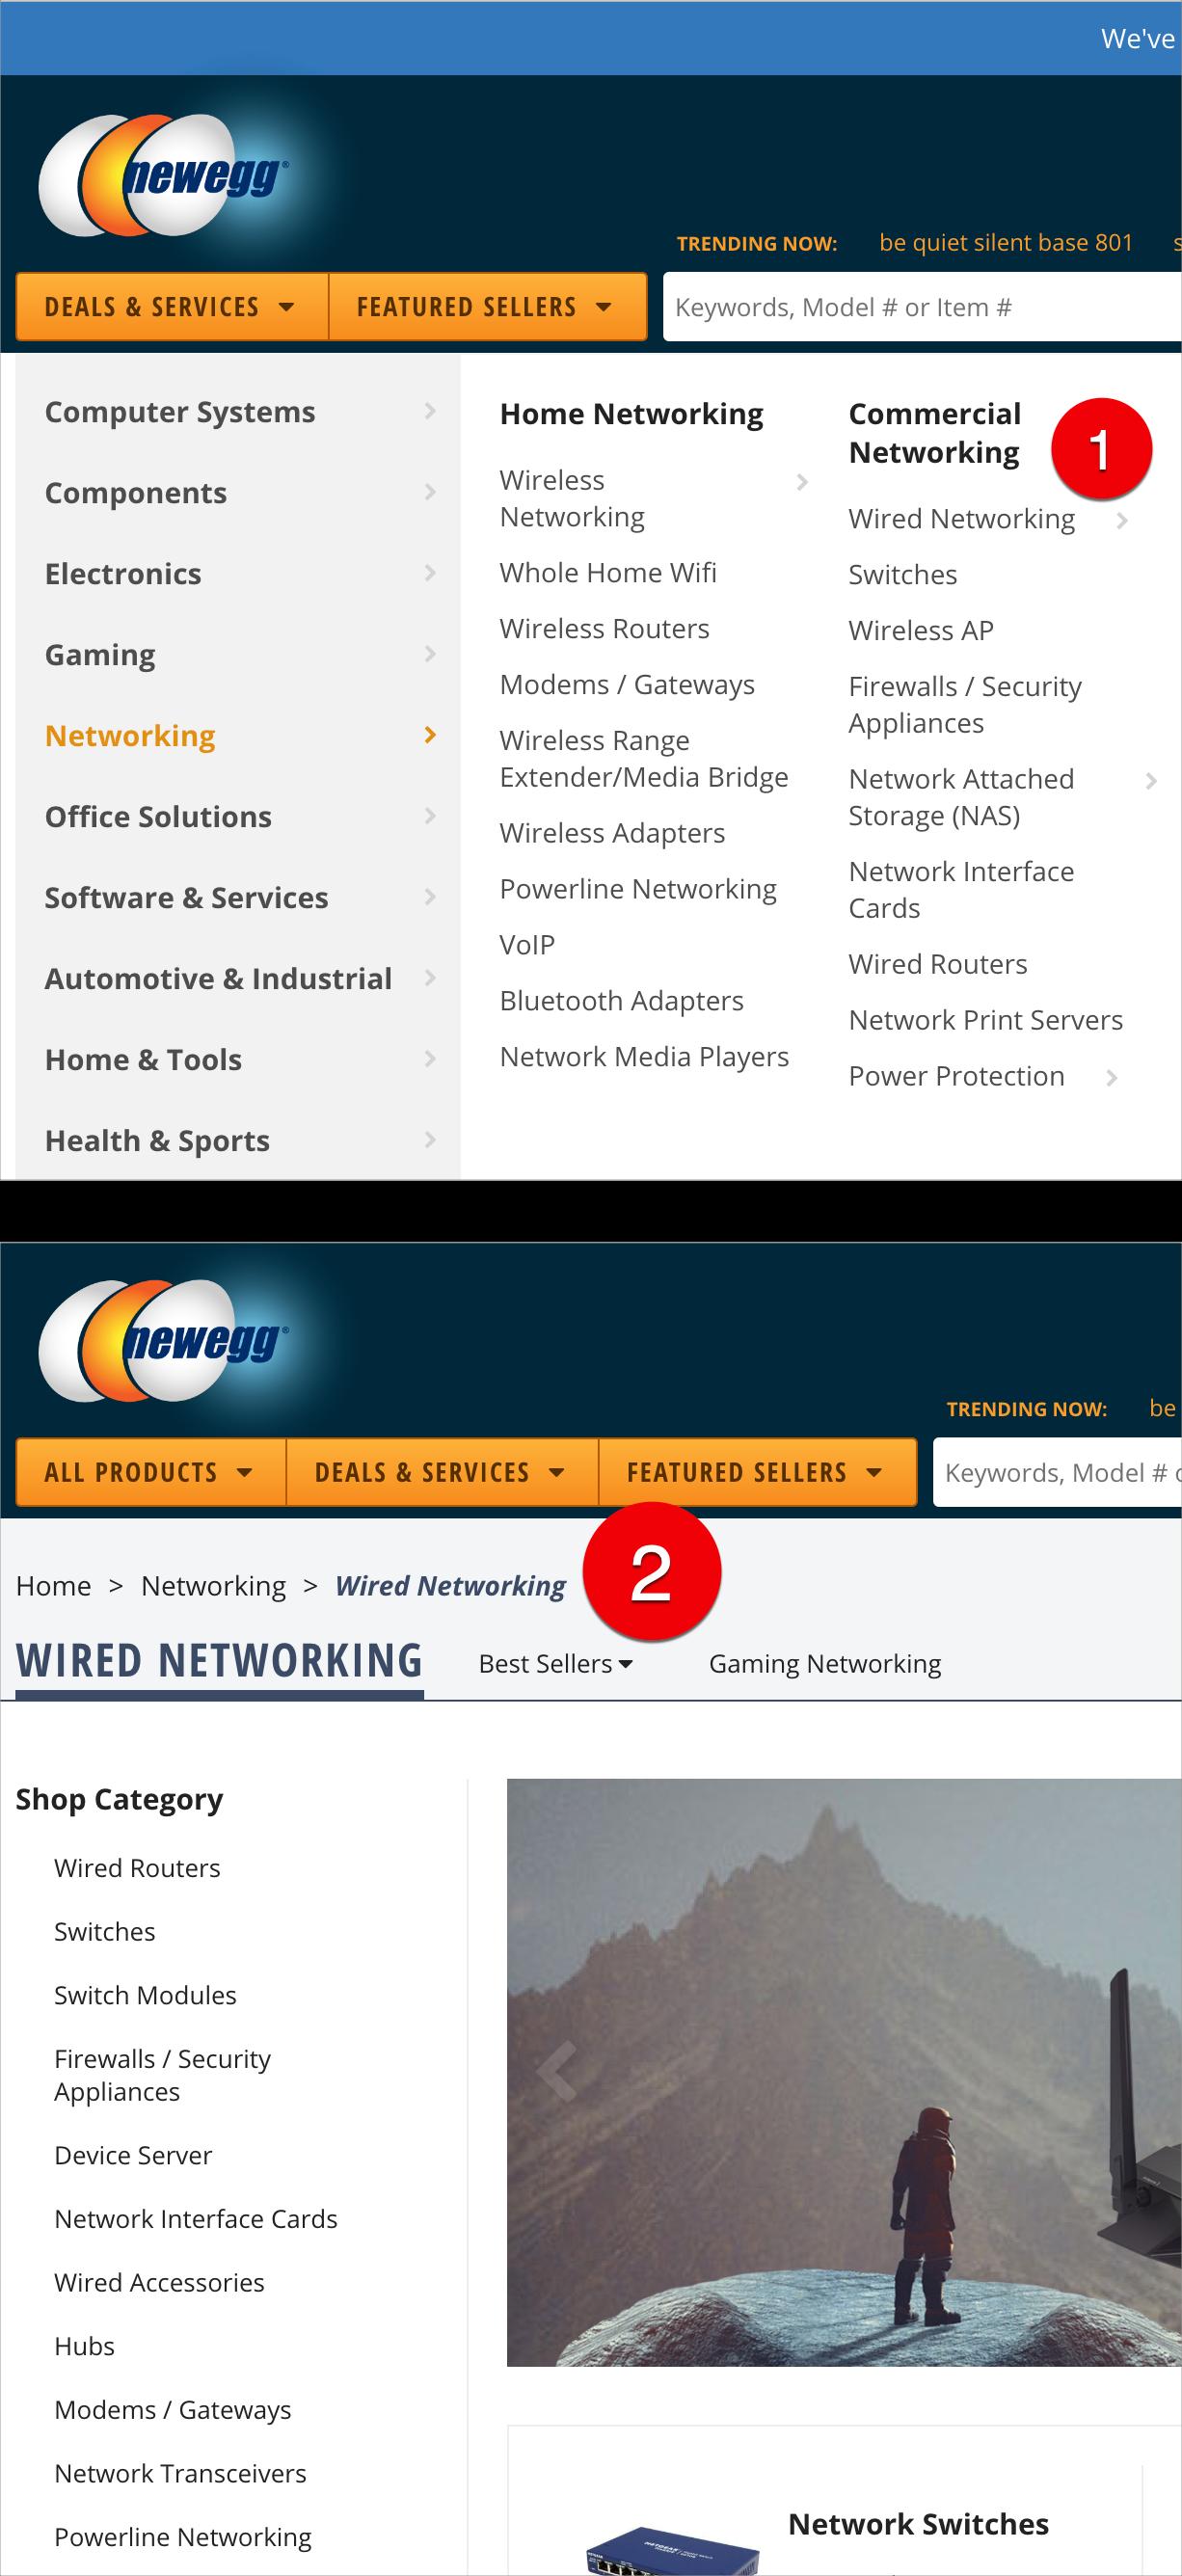 Newegg.com: в мегаменю глобальной навигации (вверху) есть подкатегории, у которых нет собственной страницы - например, Коммерческие сети (1). На странице «Проводная сеть» (внизу) цепочка «хлебные крошки» (2) не включает коммерческие сети, поскольку эта подкатегория не имеет связанной страницы.